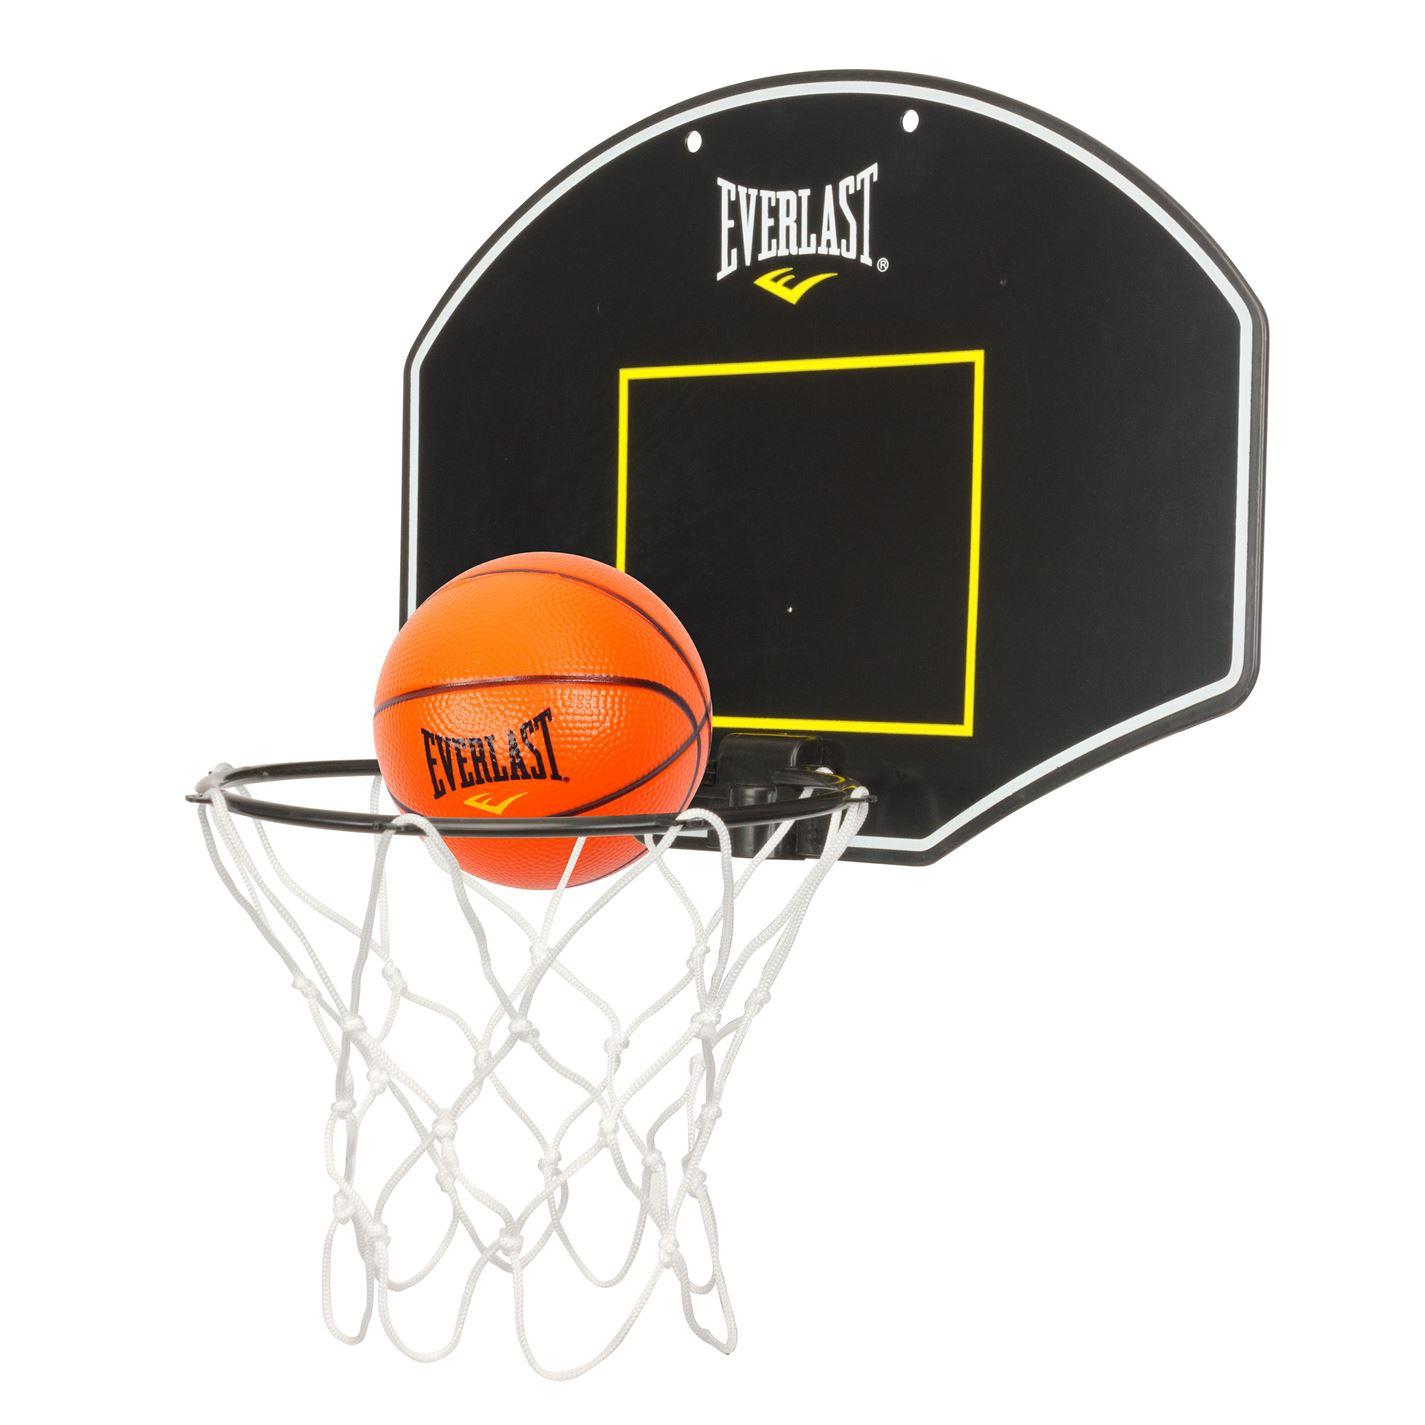 Everlast Mini Basketball Set